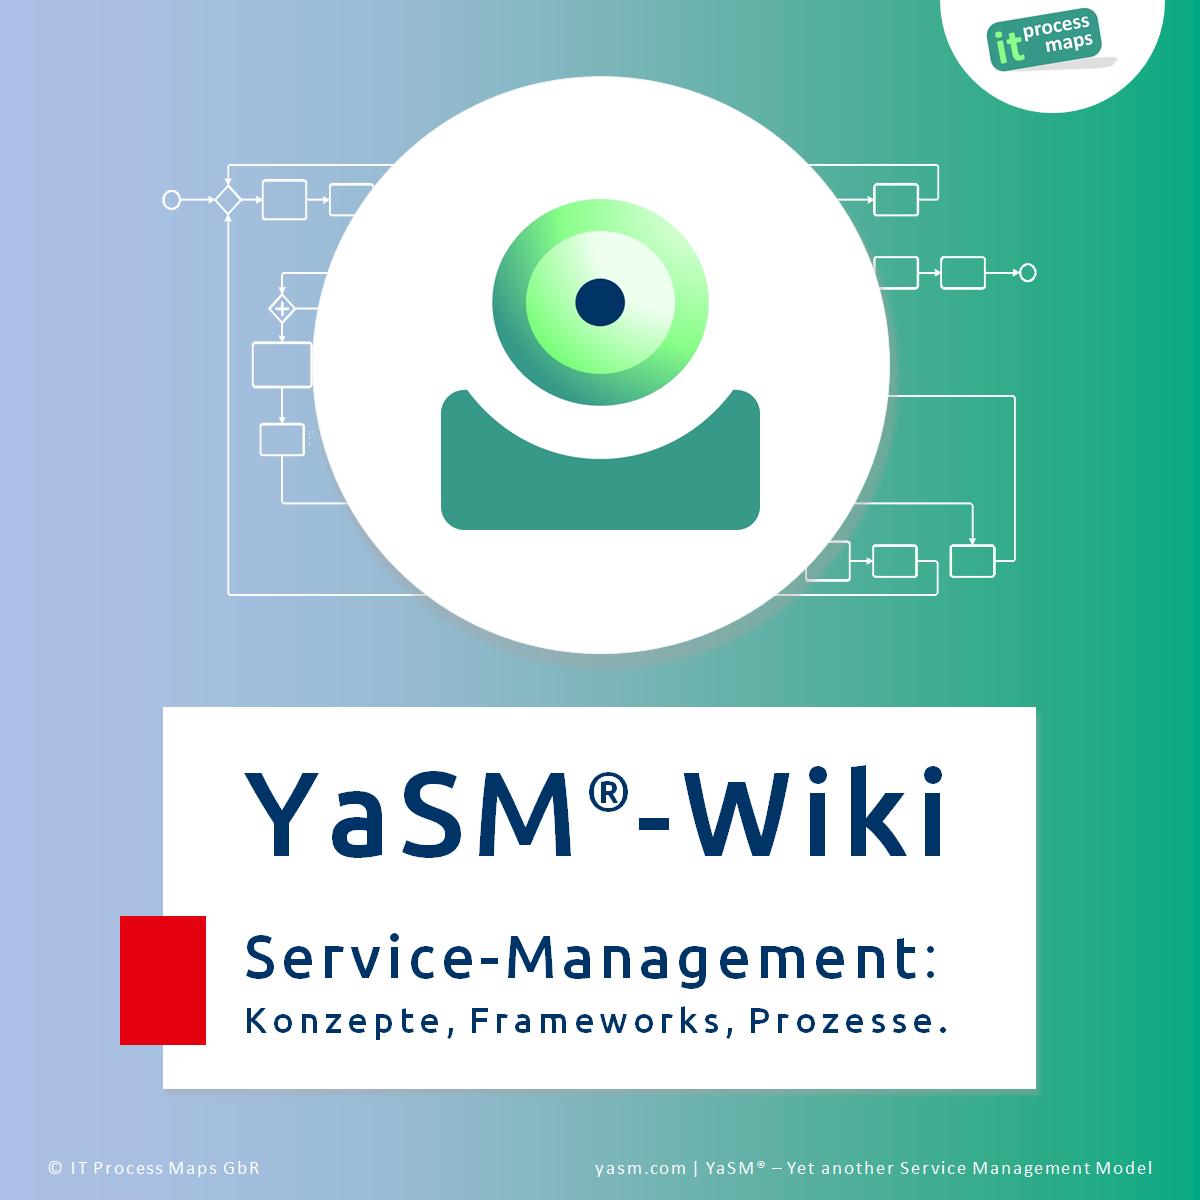 Service-Management-Wiki: Wiki zu YaSM, Service-Management (Enterprise-Service-Management, IT-Service-Management) und ISO 20000 (ISO/IEC 20000). Referenz-Material zum YaSM Service-Management-Prozessmodell.